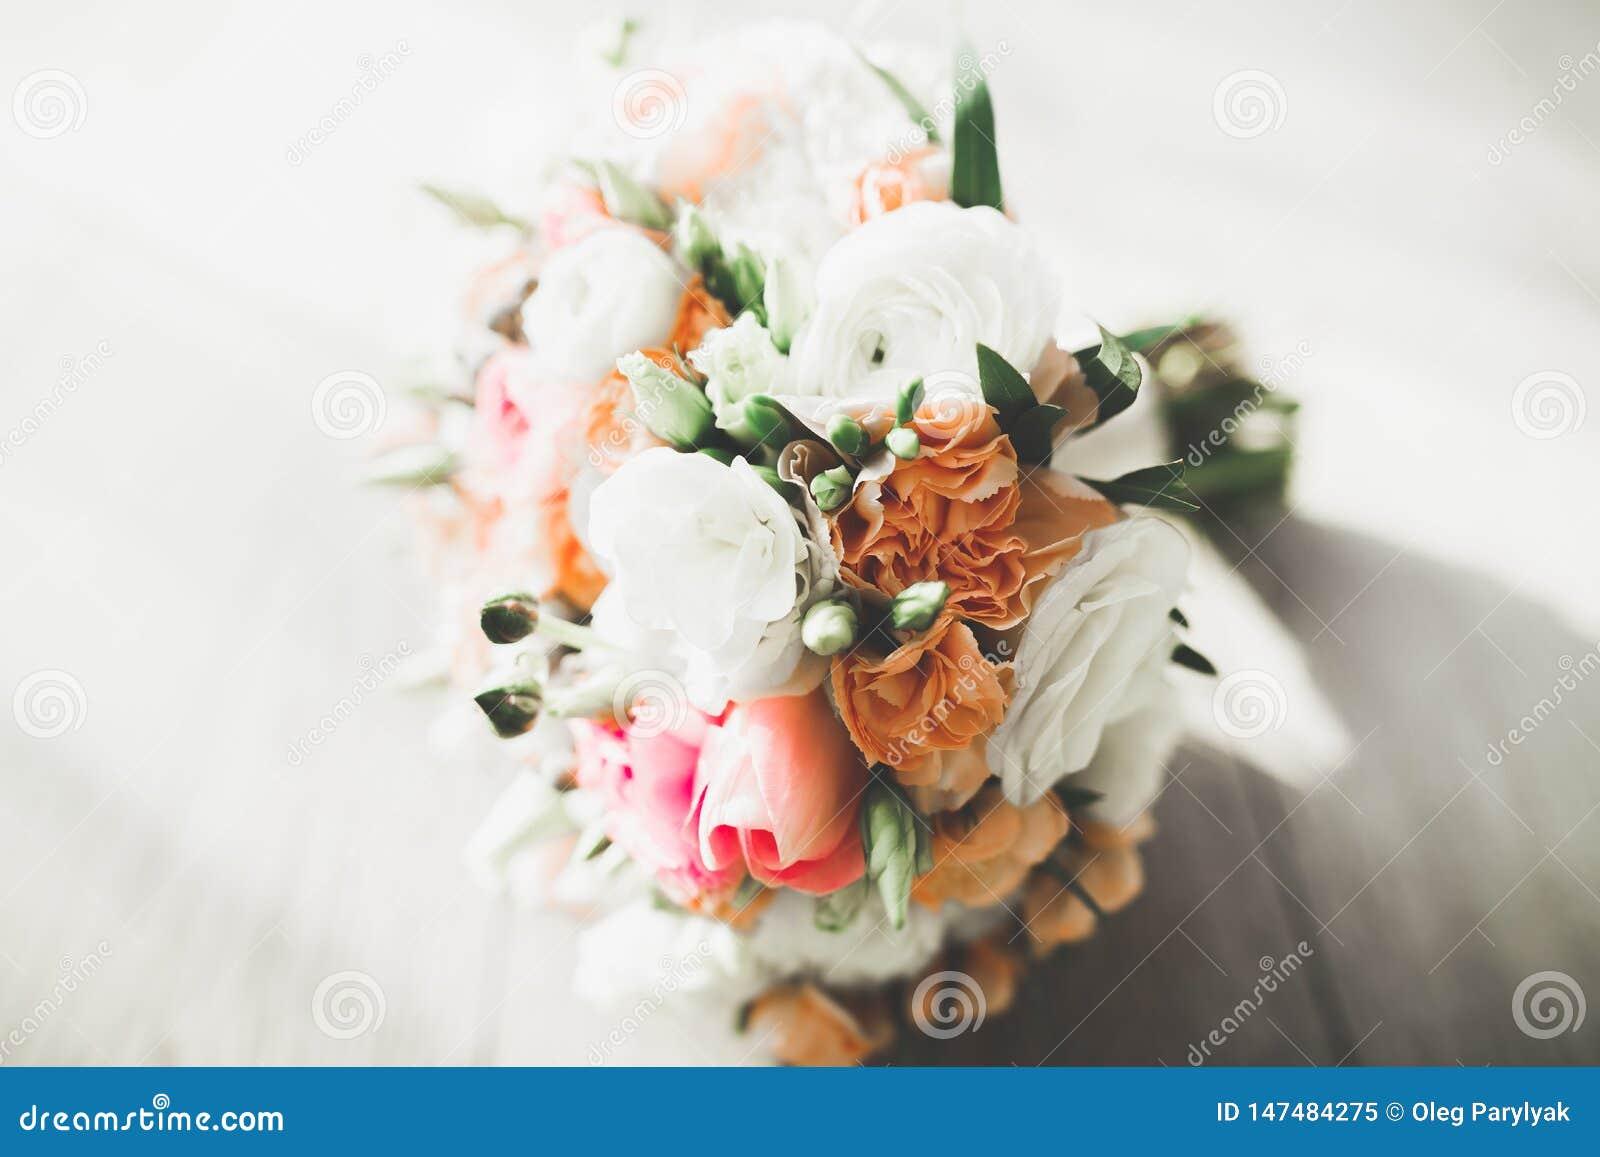 Wunderbarer Luxushochzeitsblumenstrau? von verschiedenen Blumen